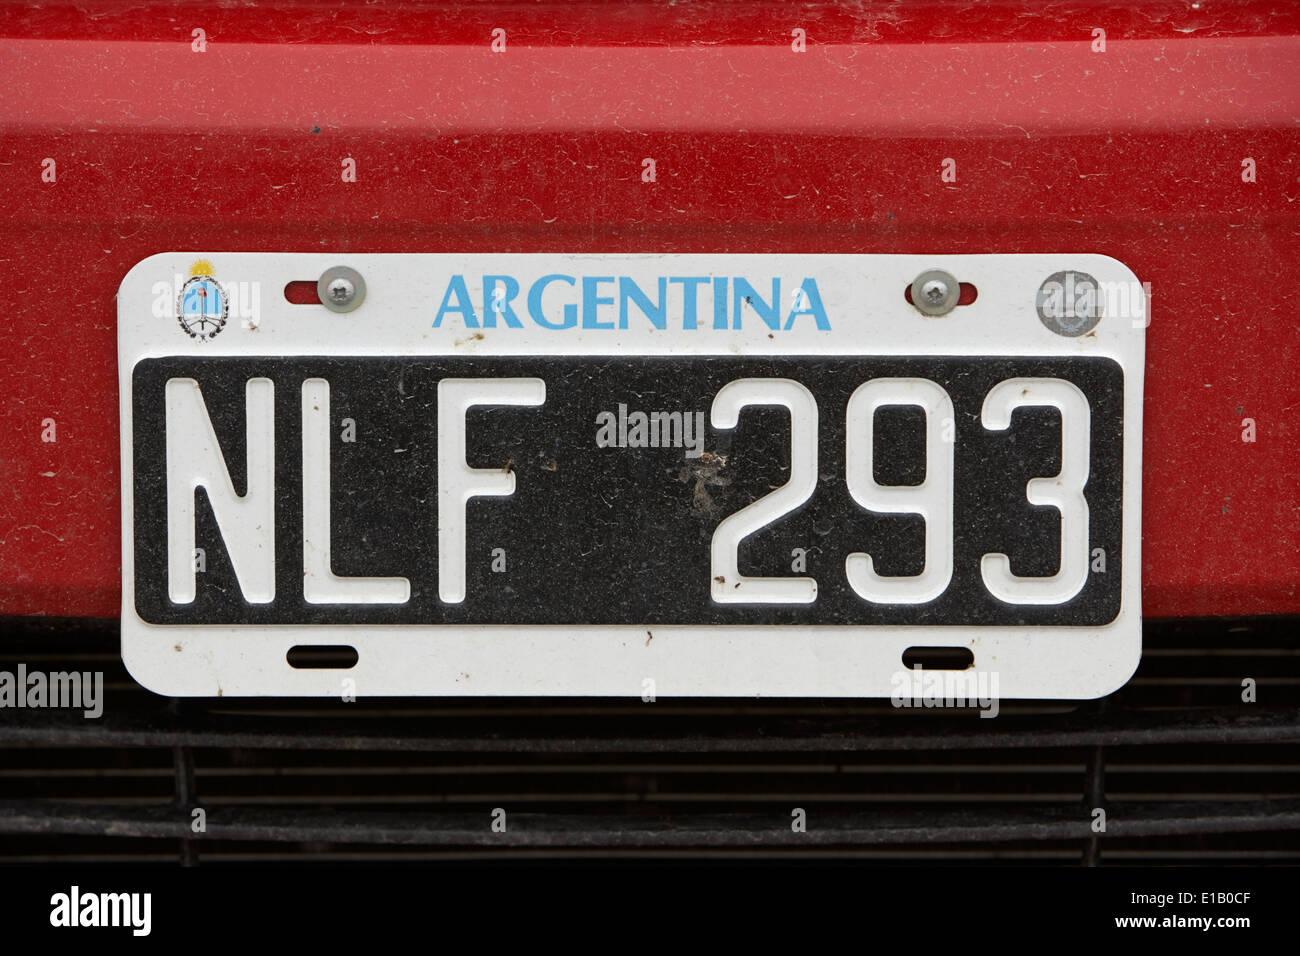 Argentinien-Lizenz Nummer Platte Tag Ushuaia Argentinien Stockbild